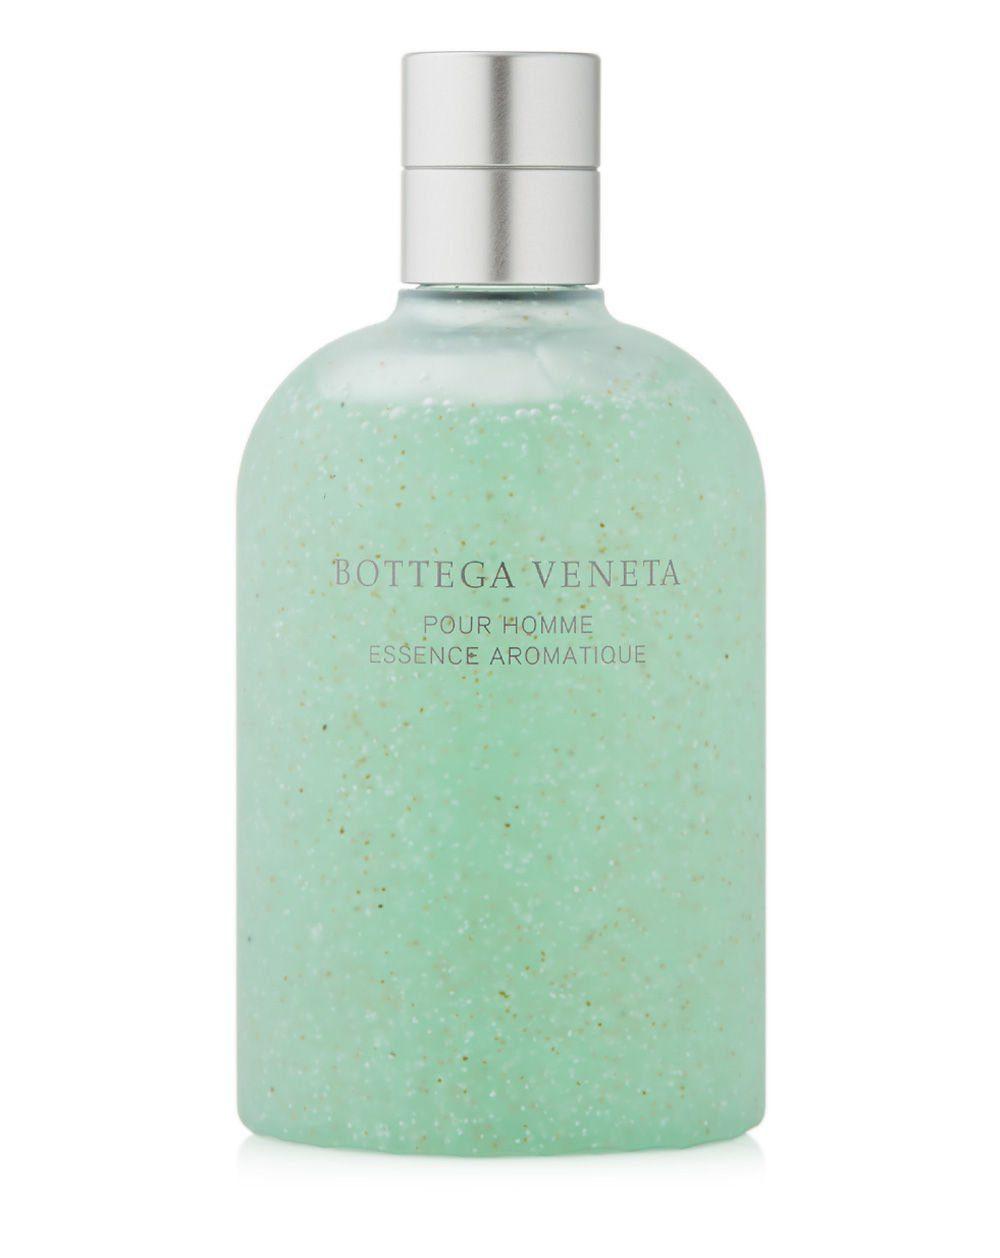 Bottega Veneta Körperpeeling »Pour Homme Essence Aromatique Exfoliating Scrub«